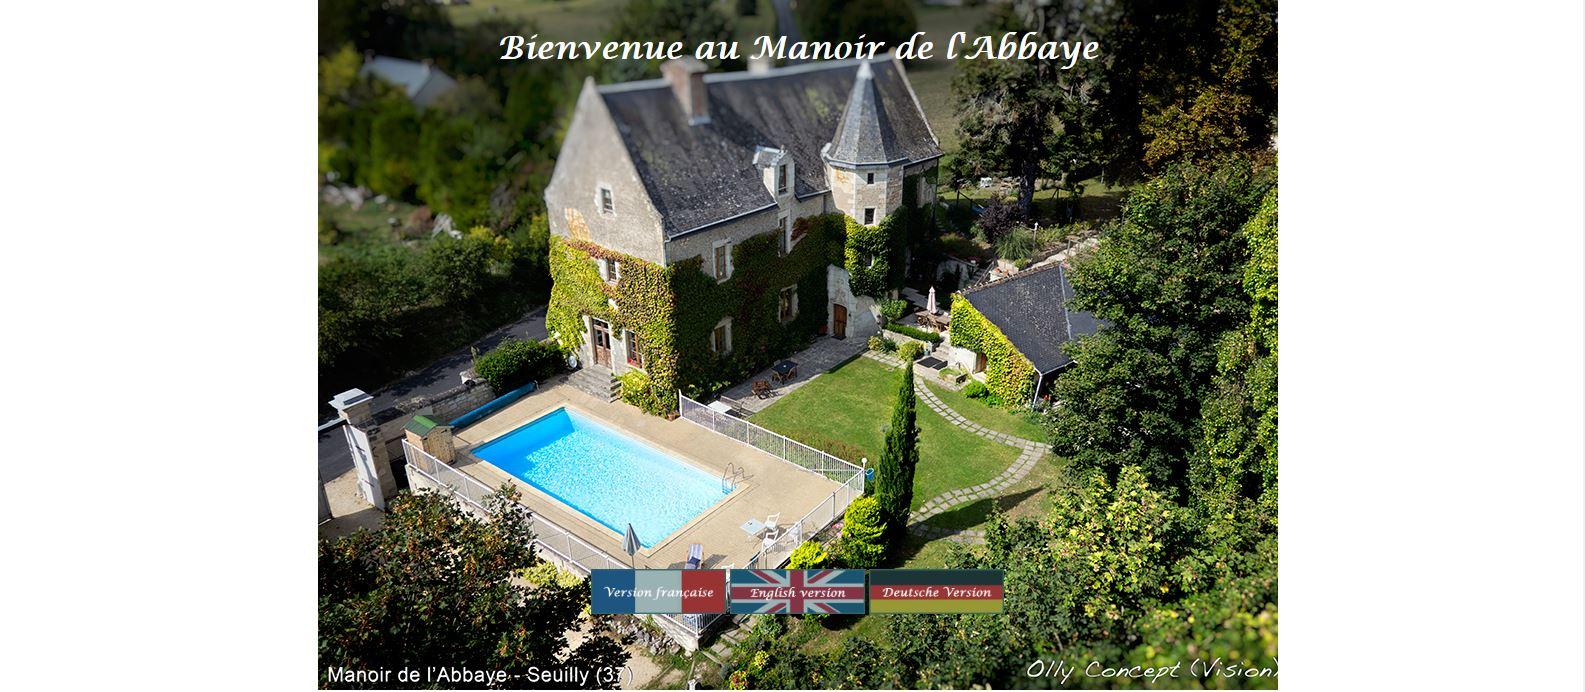 Manoir de l'abbaye Seuilly